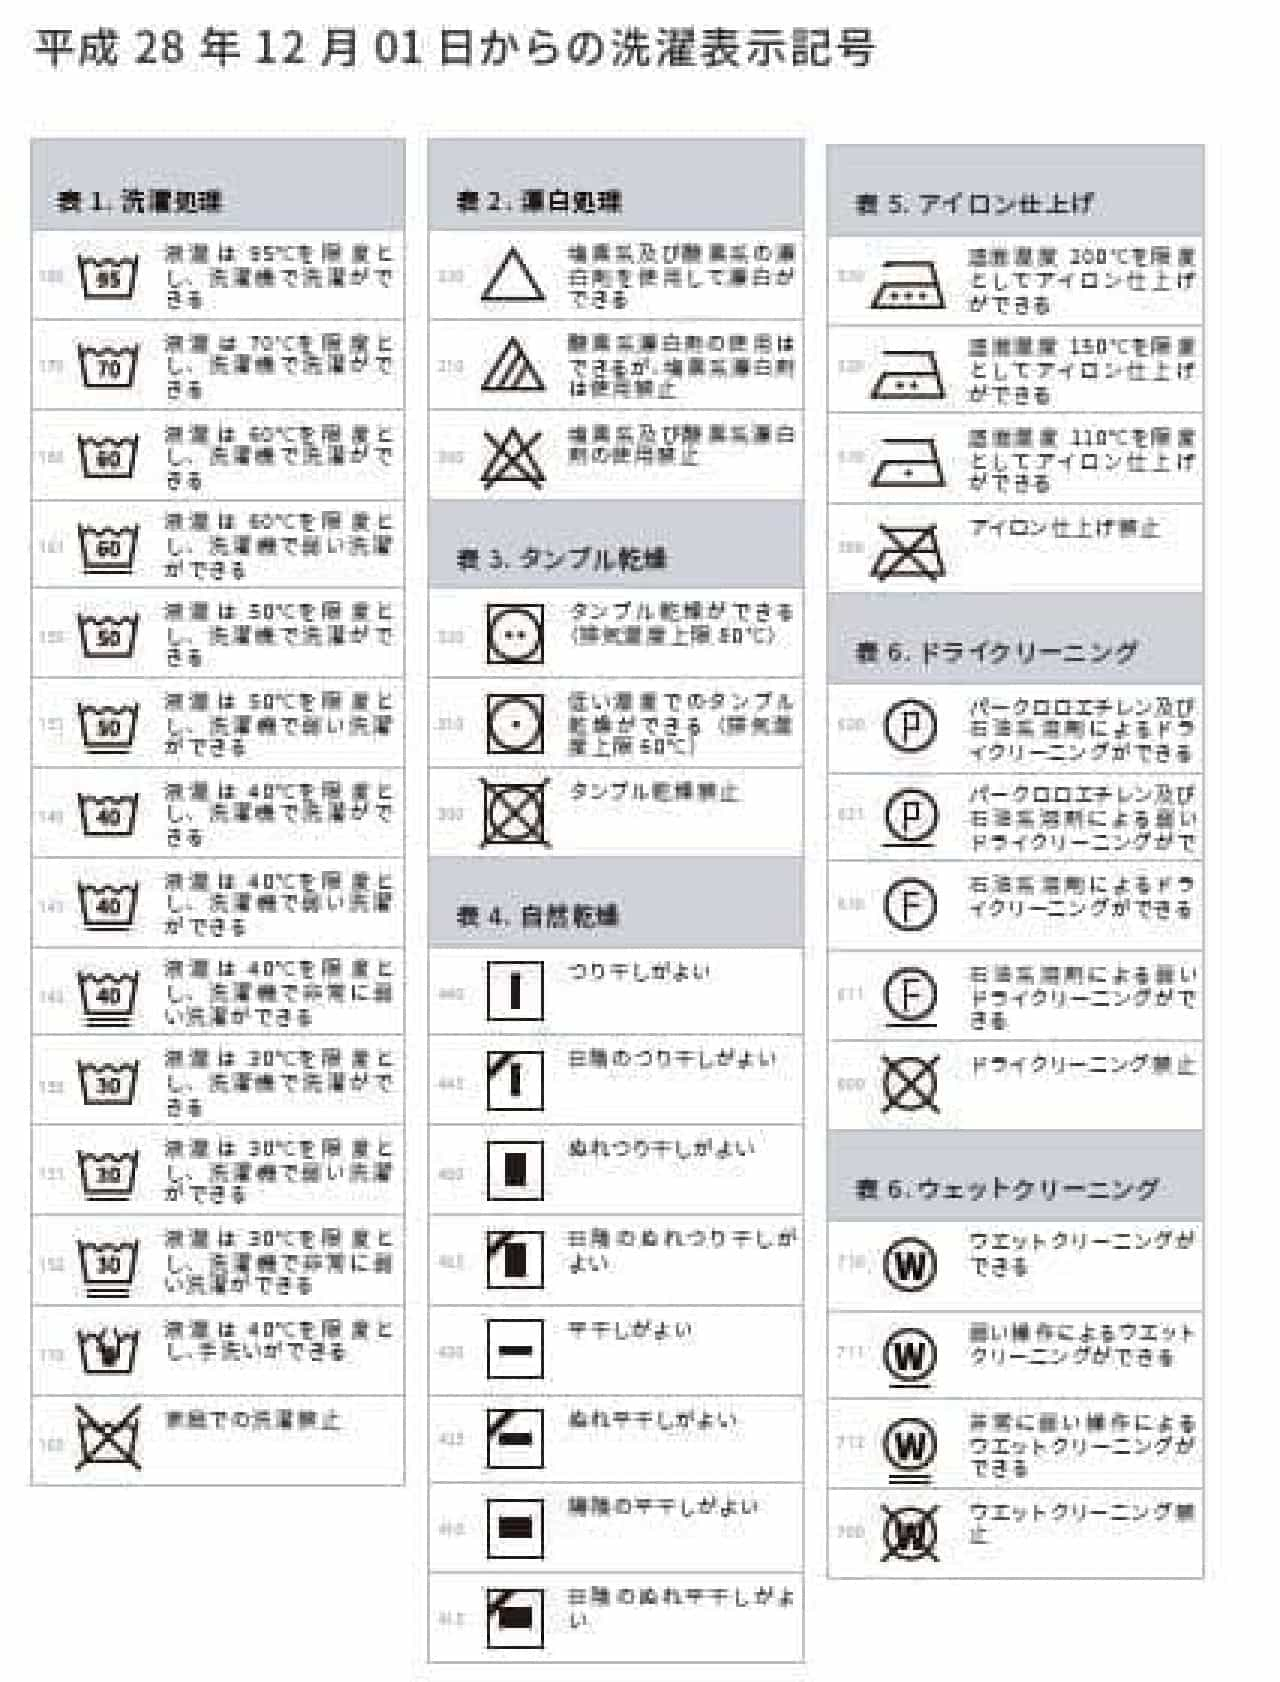 平成28年12月1日からの洗濯表示記号